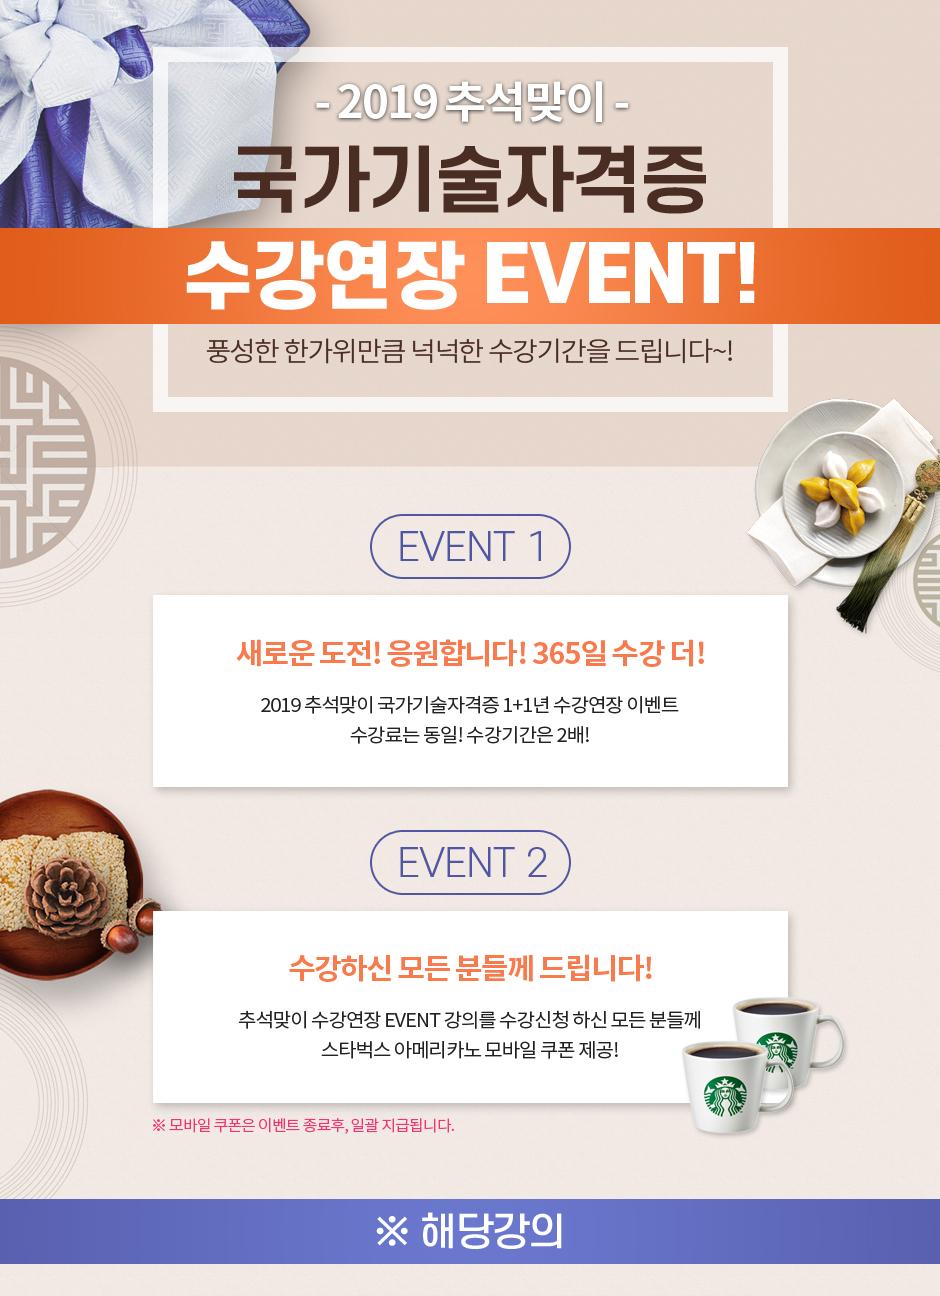 2019 추석맞이 국가기술자격증 수강연장 EVENT!